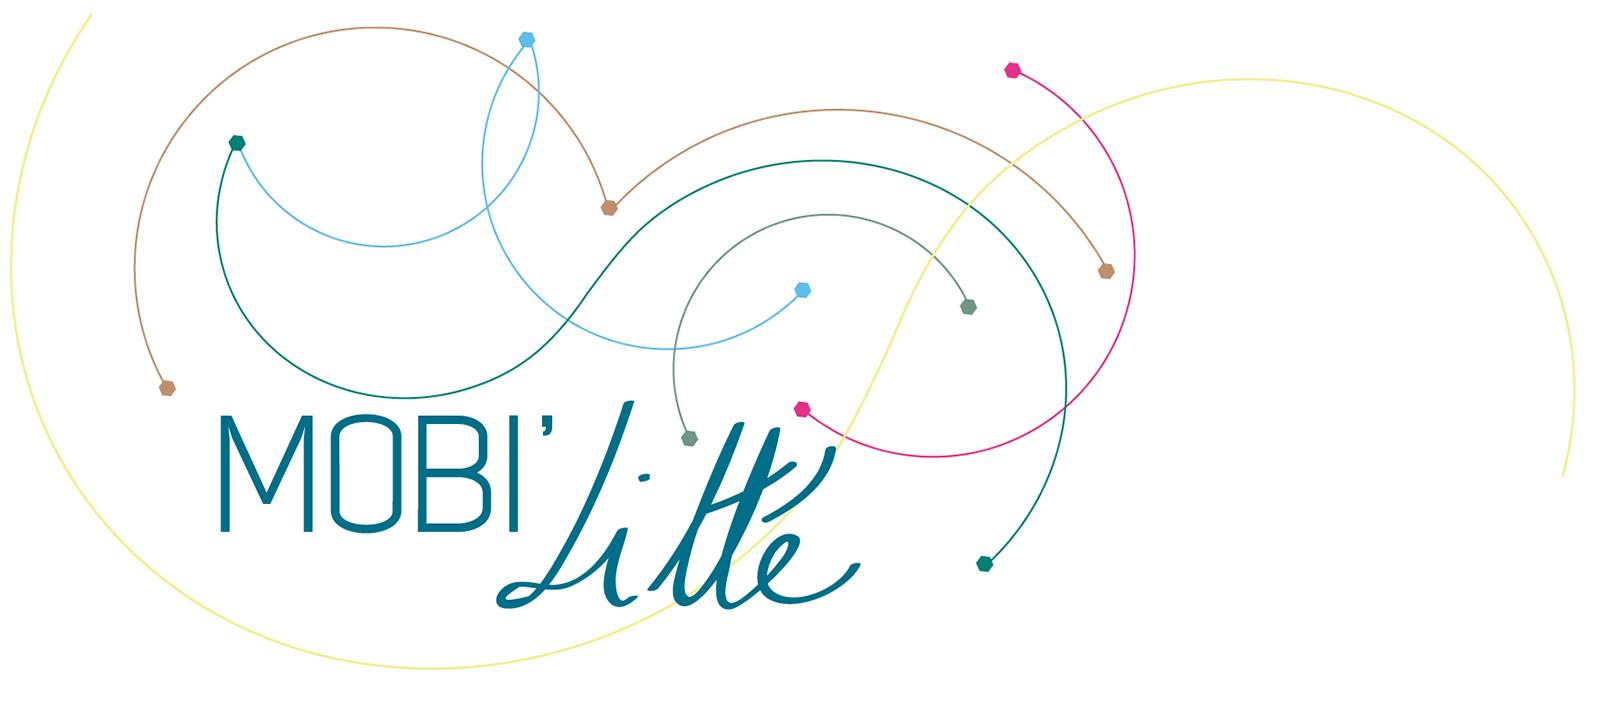 Visuel crée pour l'événement Mobi'Litté organisé par Lettres frontière